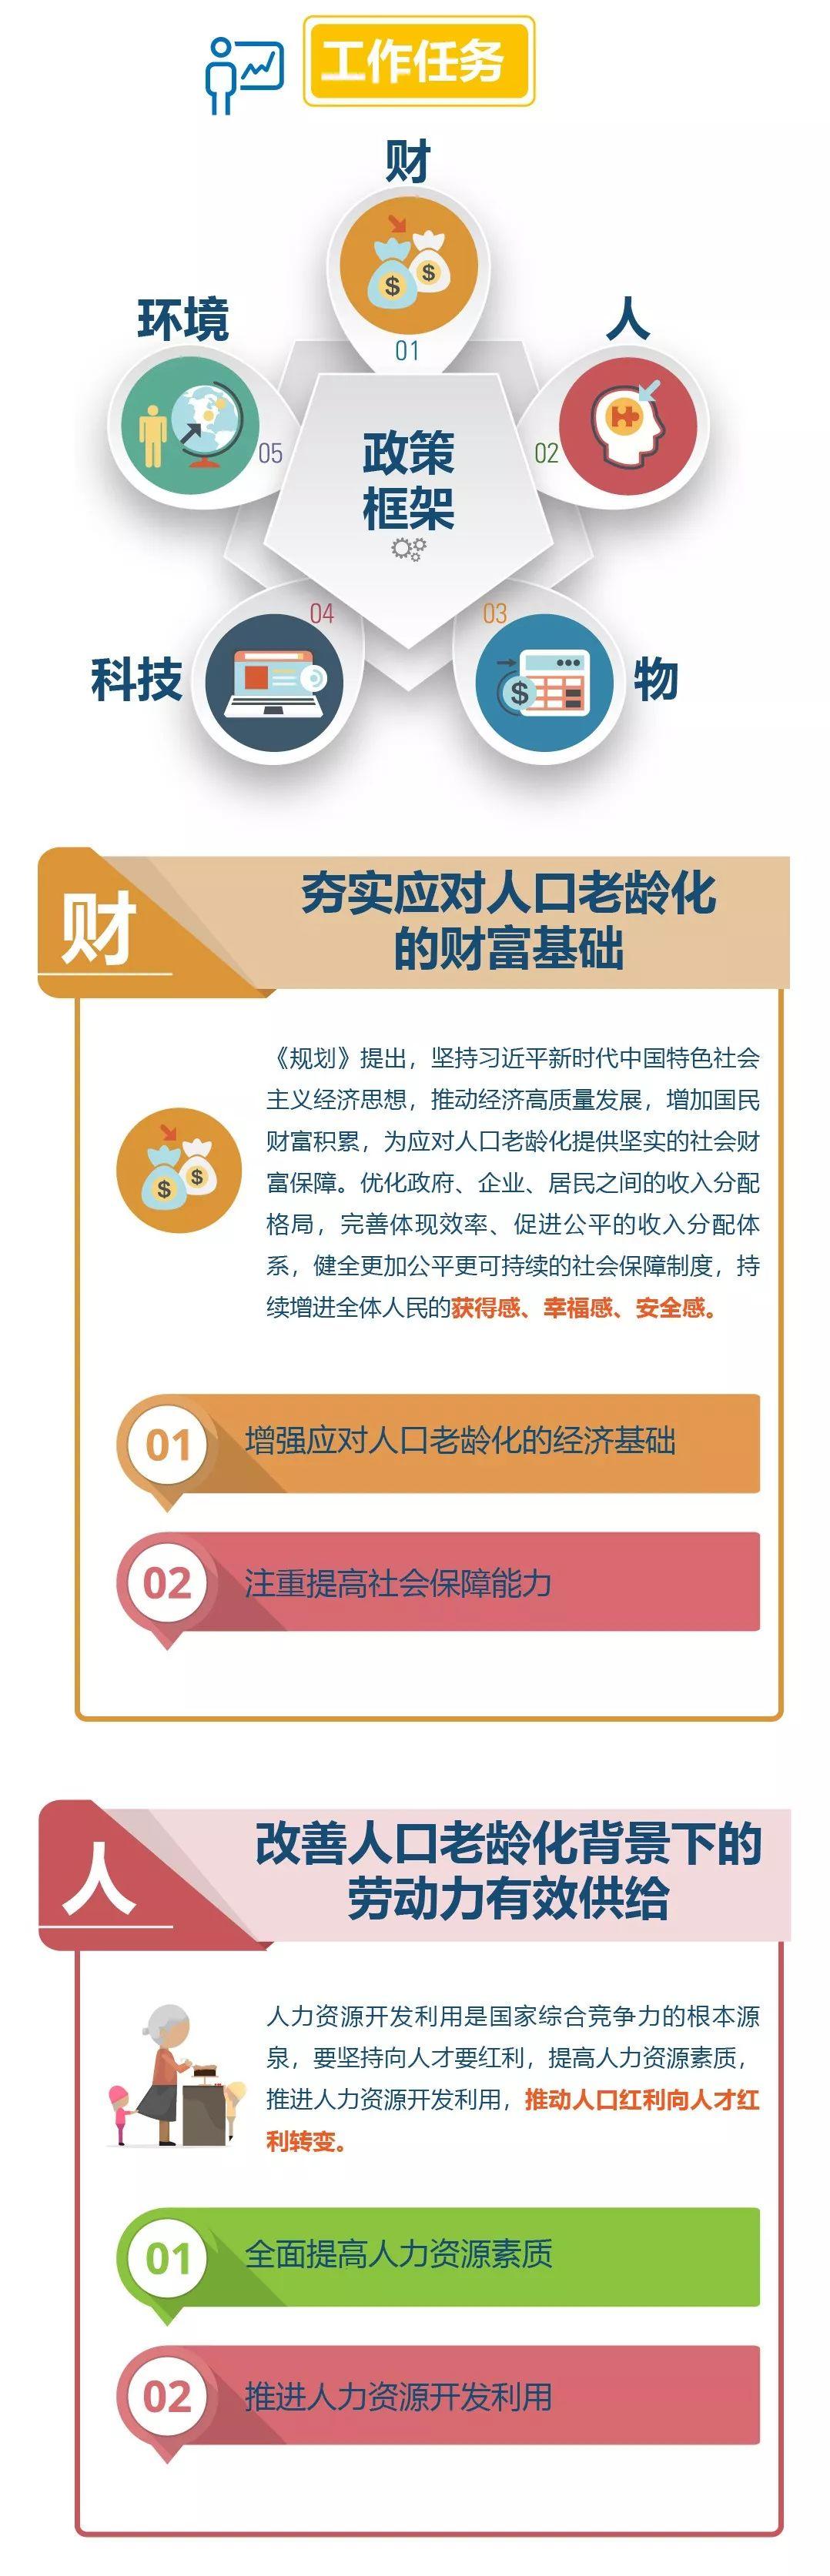 益丰娱乐场注册送白菜_儒学书籍《洙泗儒话》在曲阜首发,全文98万6千余字